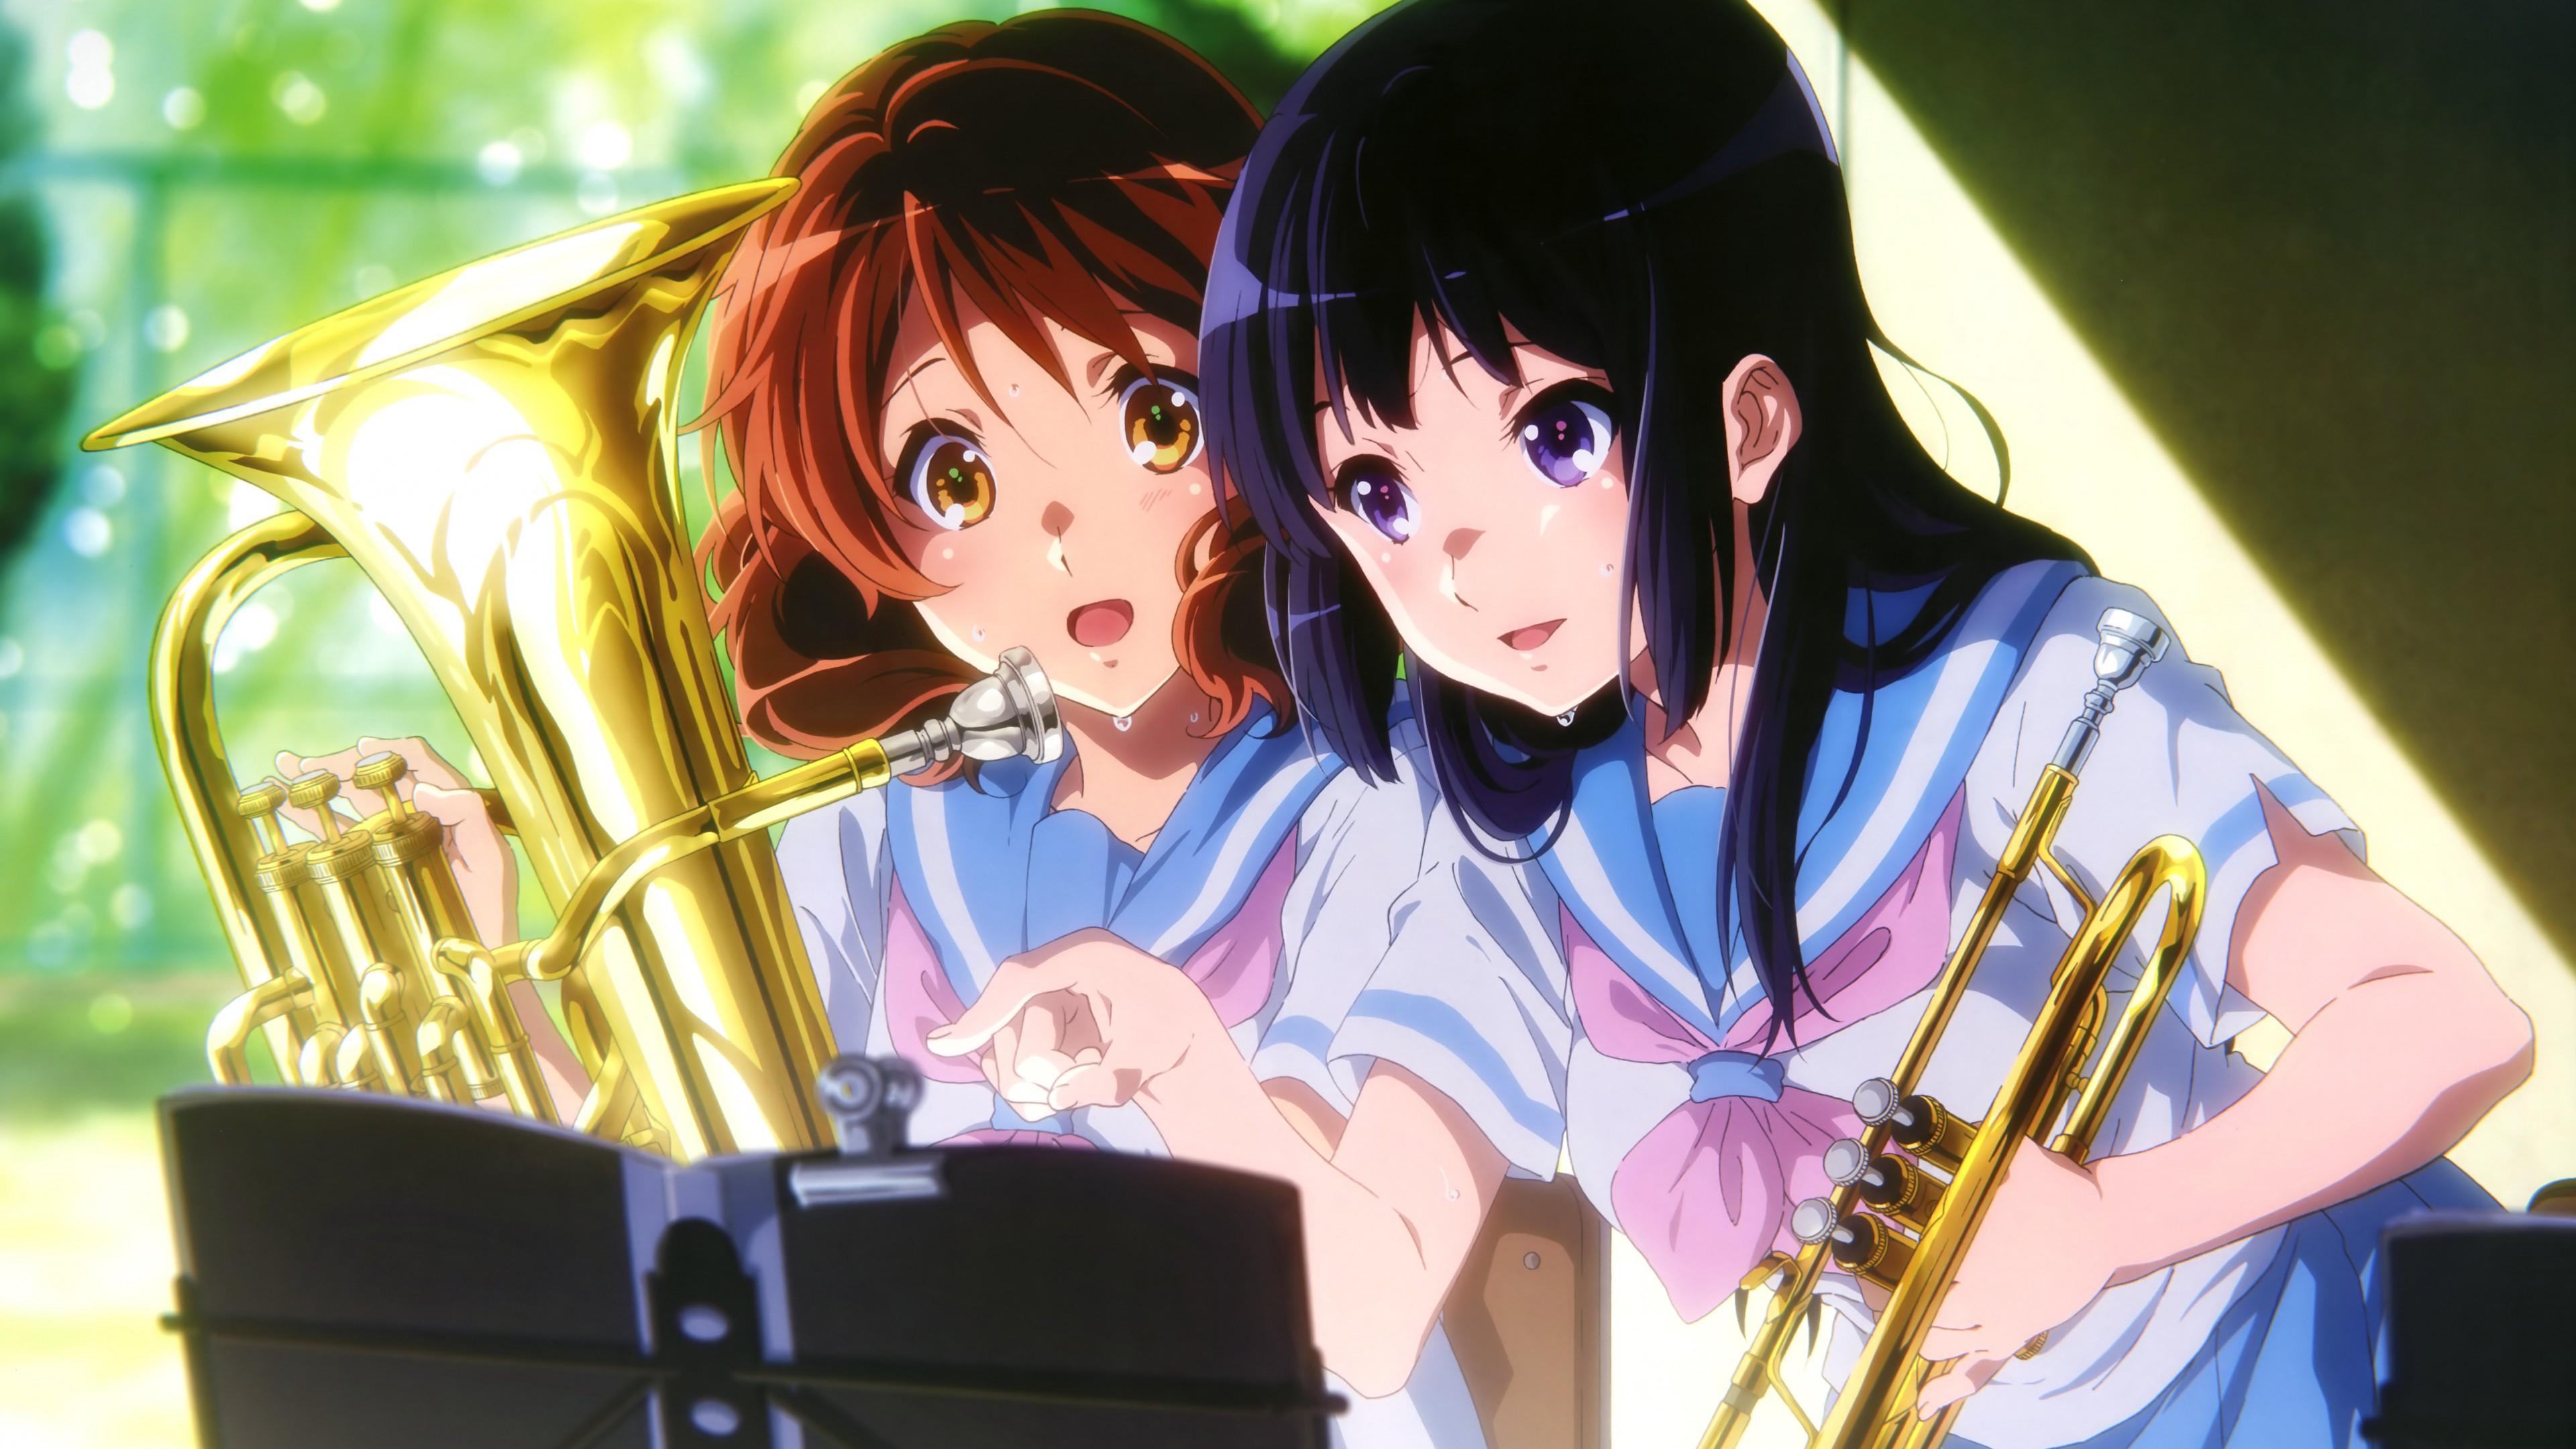 Anime Kumiko Oumae Hazuki Katou Sound Euphonium Girls 2121 3840x2160